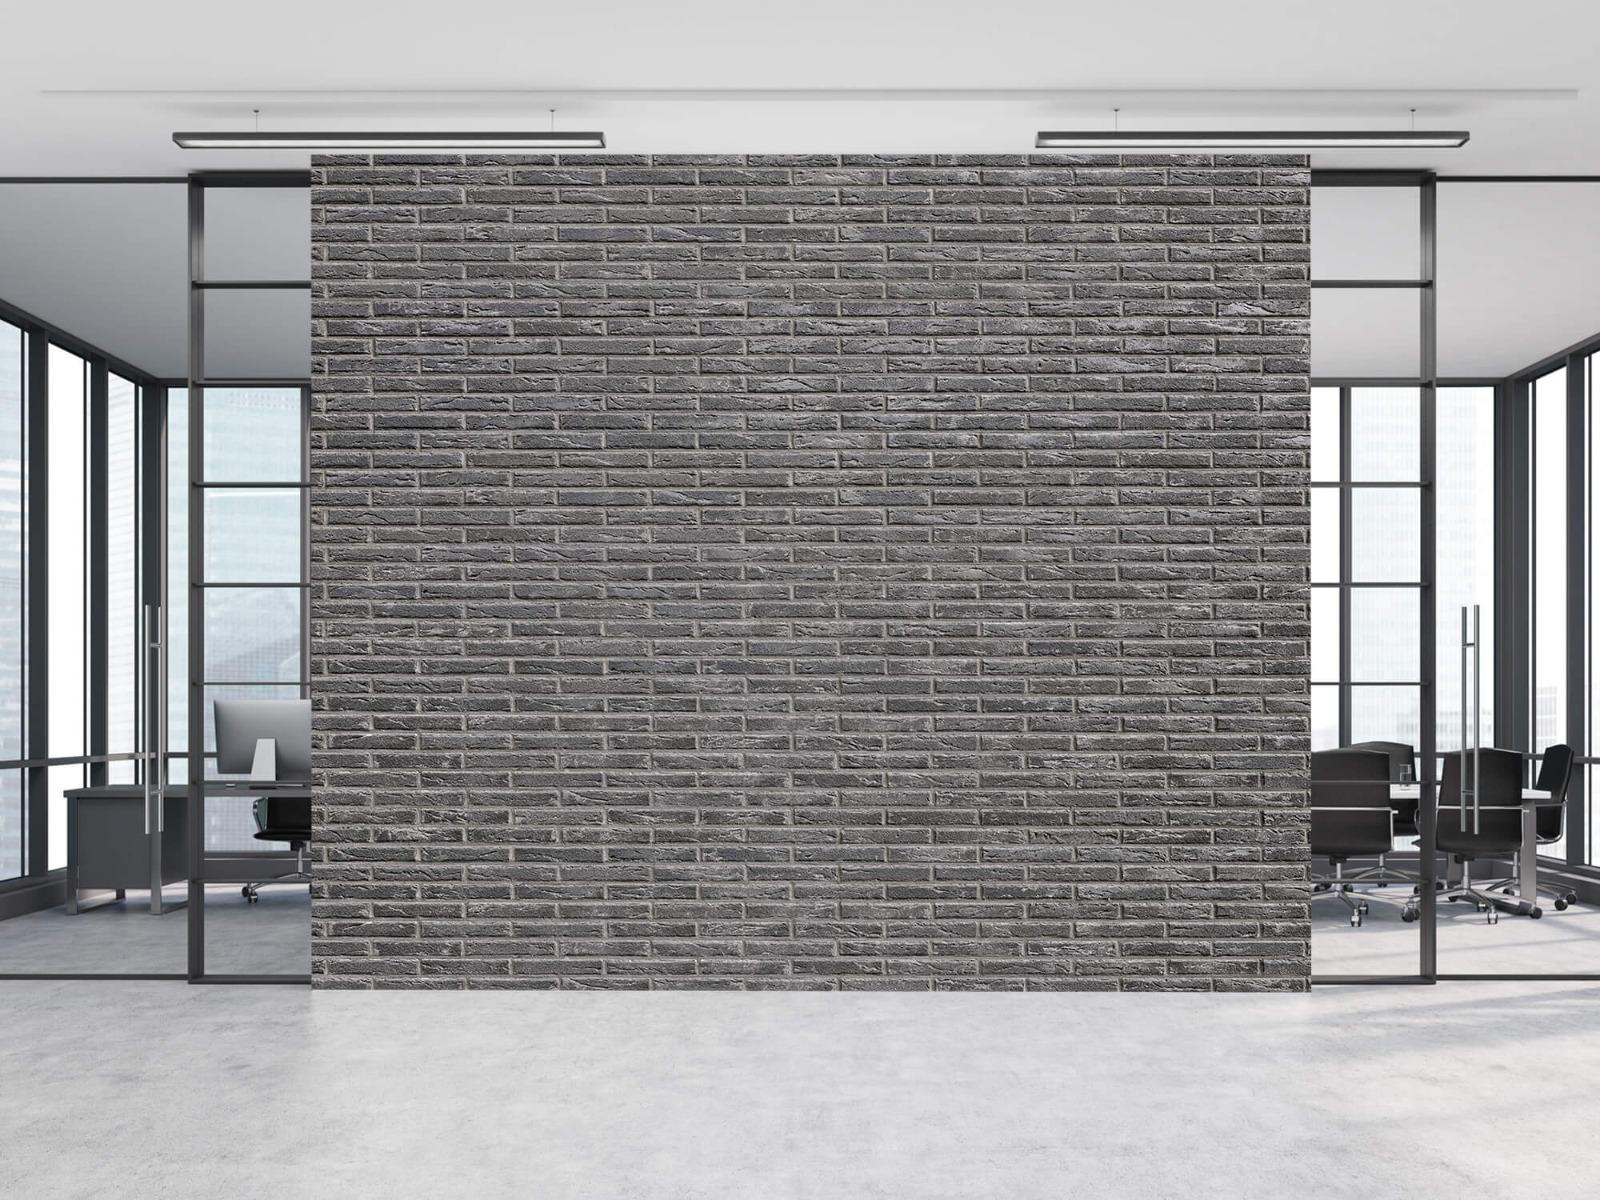 Steen behang - Grijze bakstenen - Wallexclusive - Slaapkamer 13